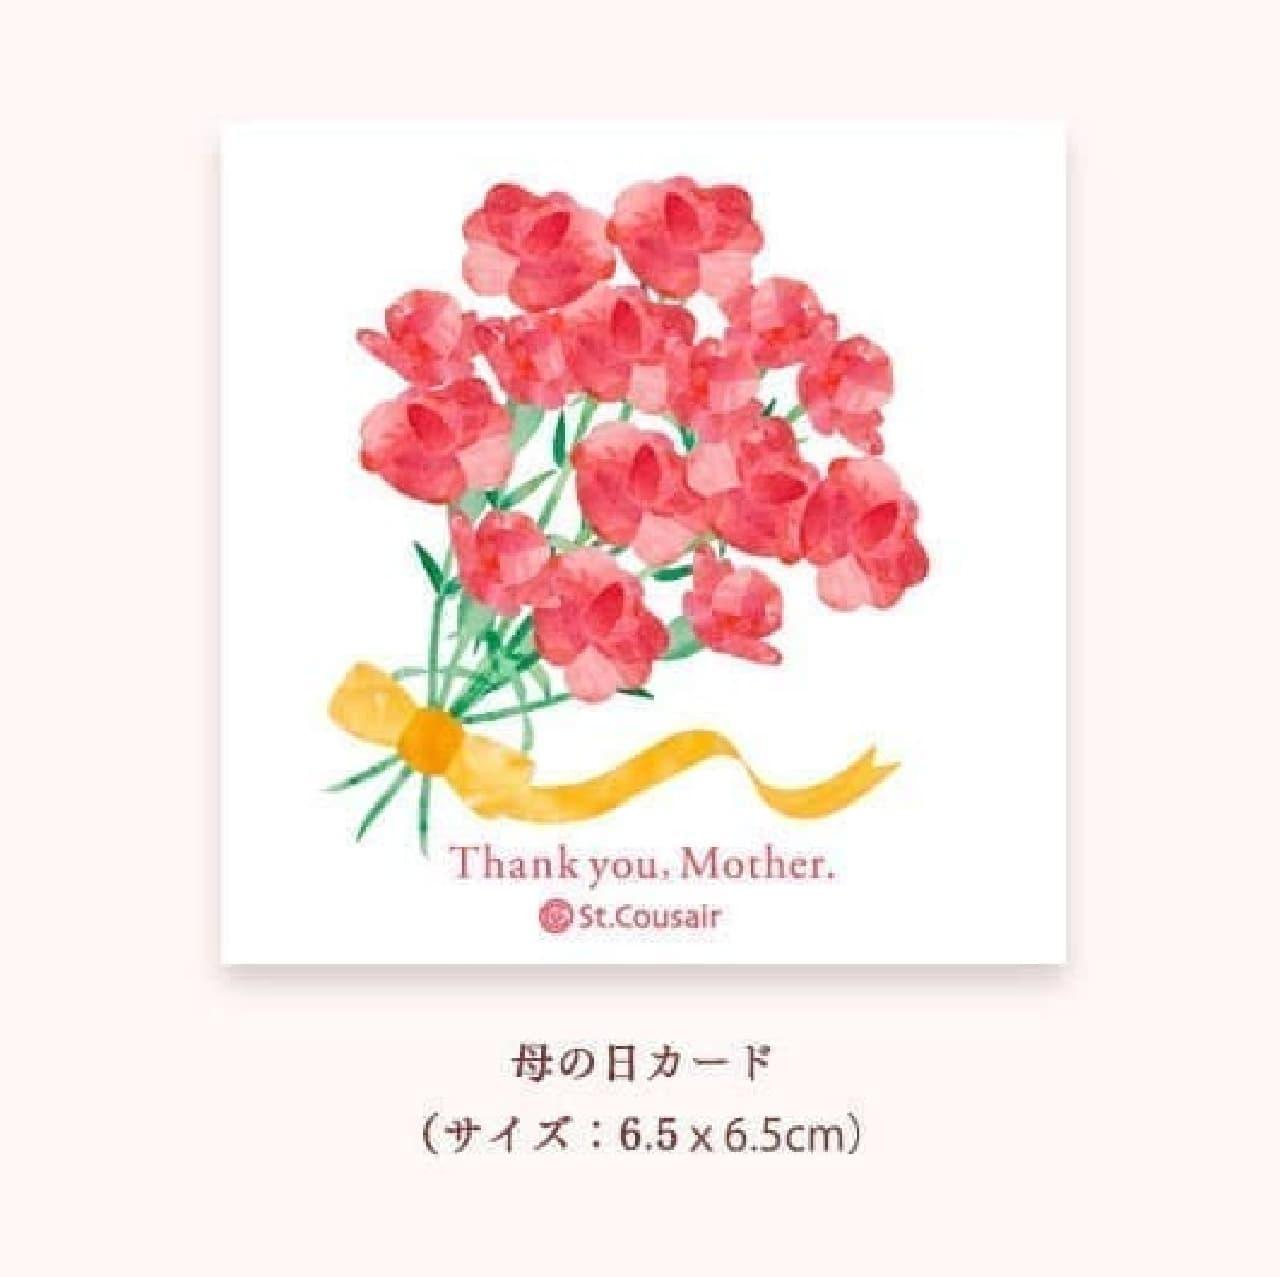 母の日「プリザーブドフラワーといちごミルクの素のギフト」サンクゼールから -- 生花の風合い長持ち